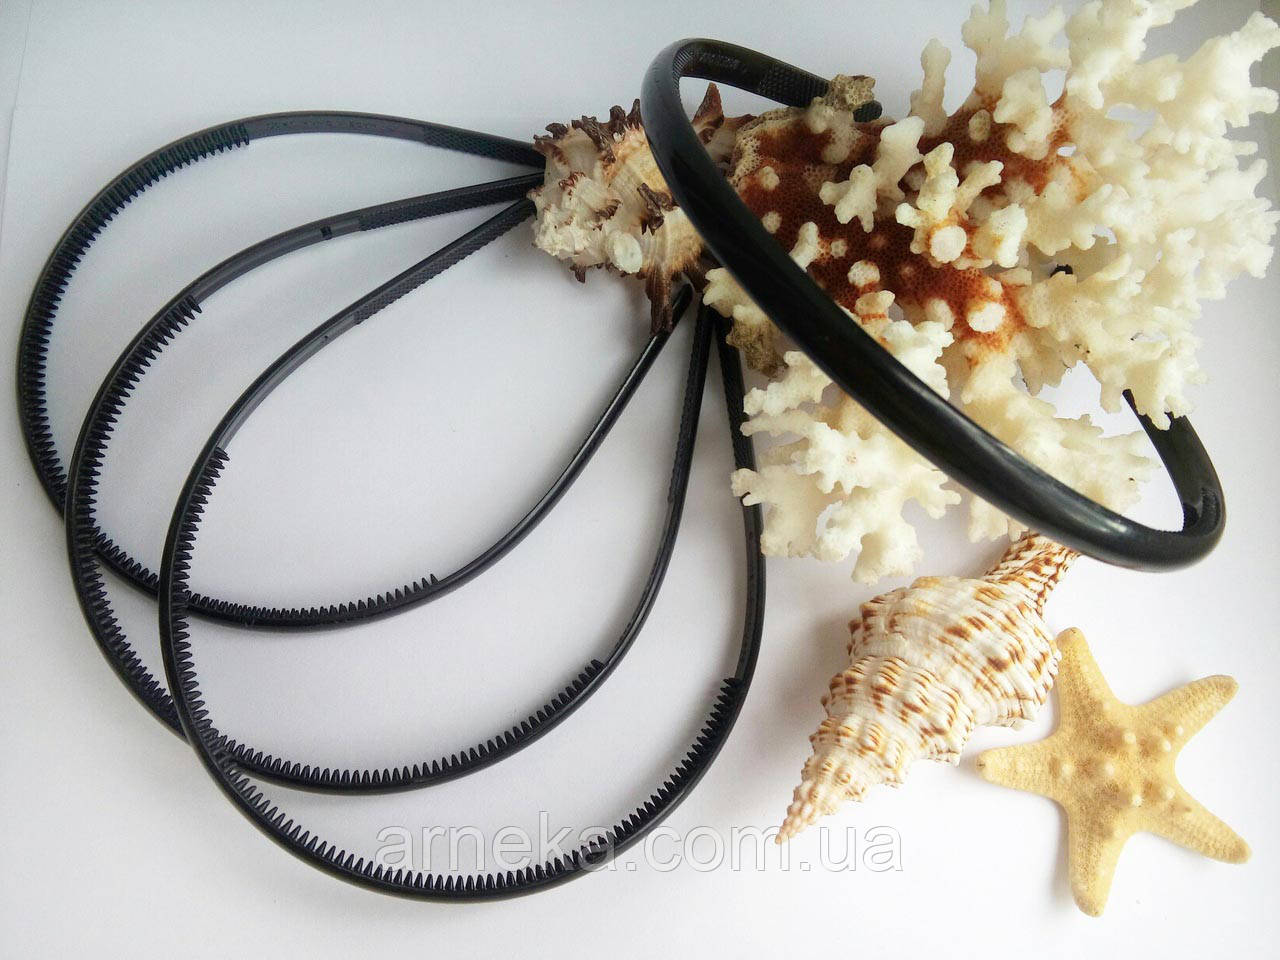 Ободок пластиковый 0,8 см черный